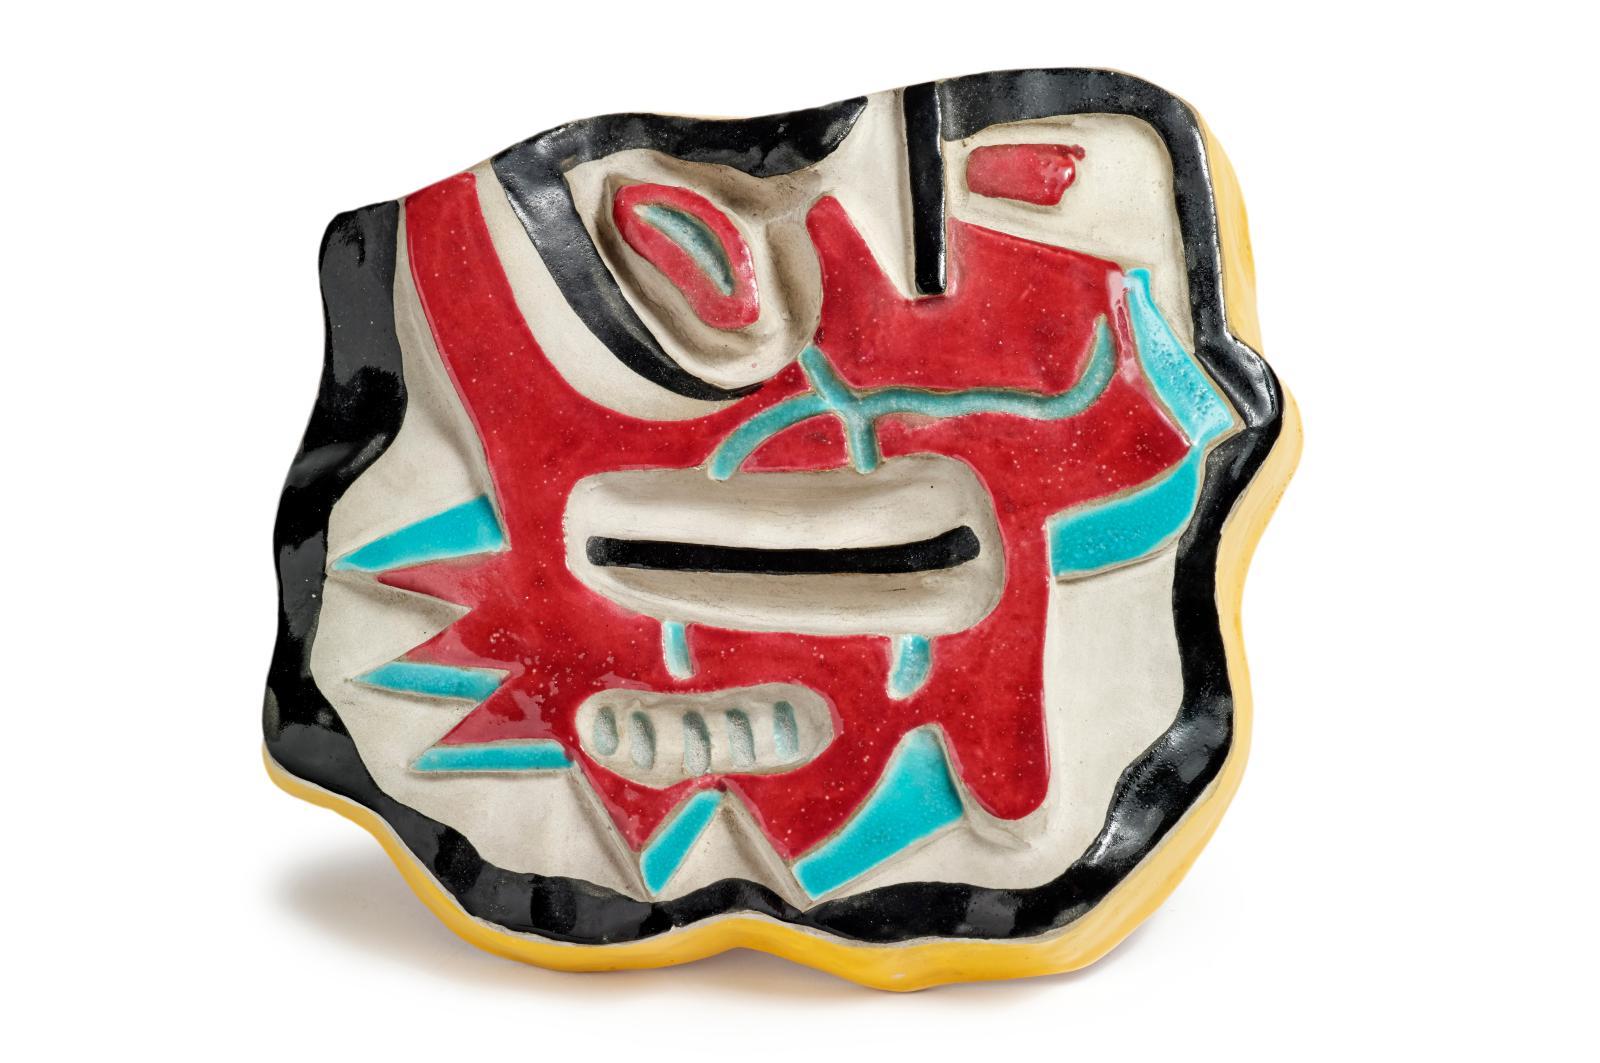 Fernand Léger (1881-1955), Composition en bleu et rouge, vers 1950, céramique glaçurée, cachet «F. Léger Biot» au dos, avec un envoi «À El